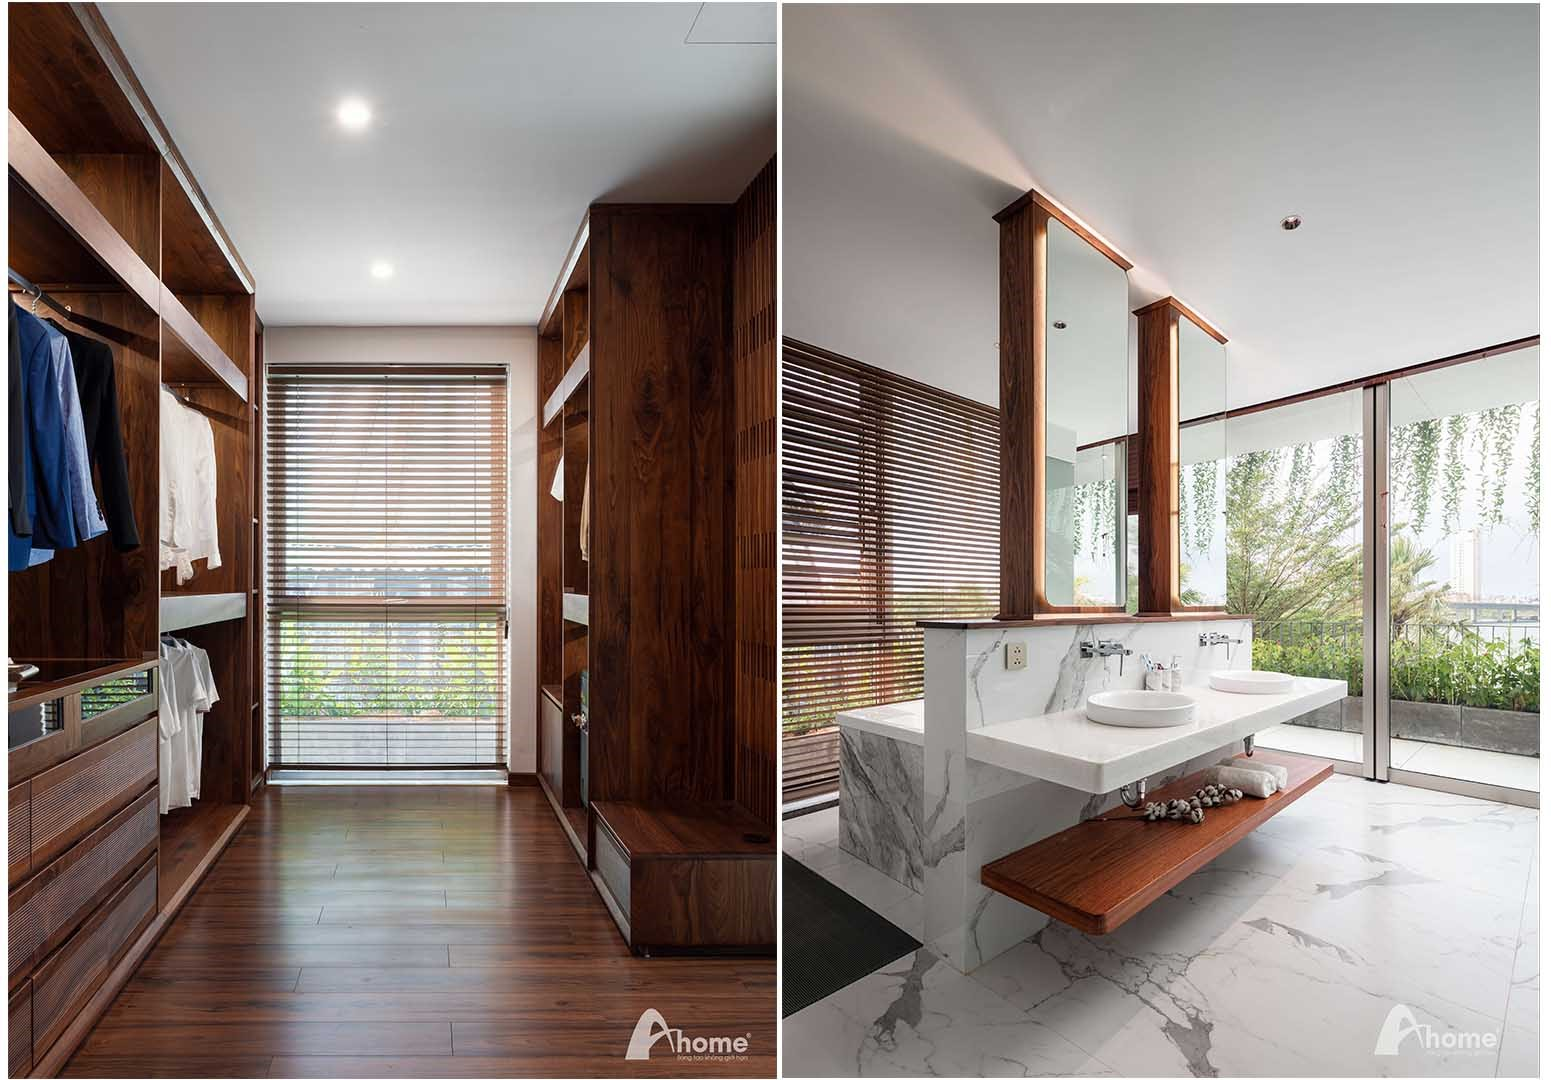 Phòng ngủ theo tiêu chuẩn Resort. Bài: Tiểu Yến. Ảnh: Nguyễn Thái Thạch